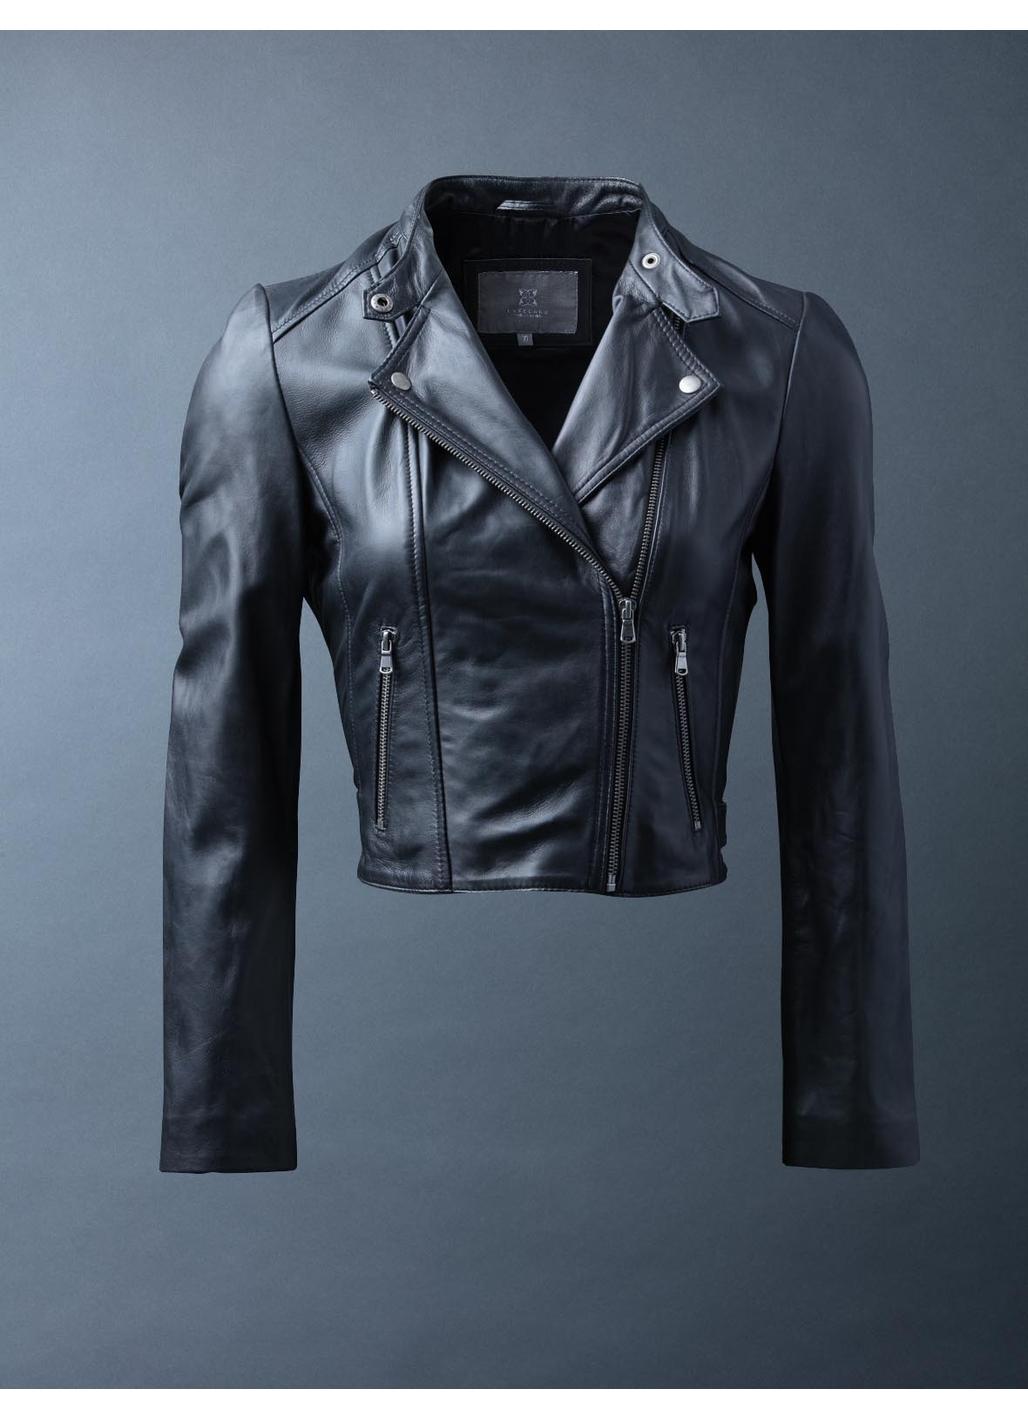 Glebe II Leather Biker Jacket in Black